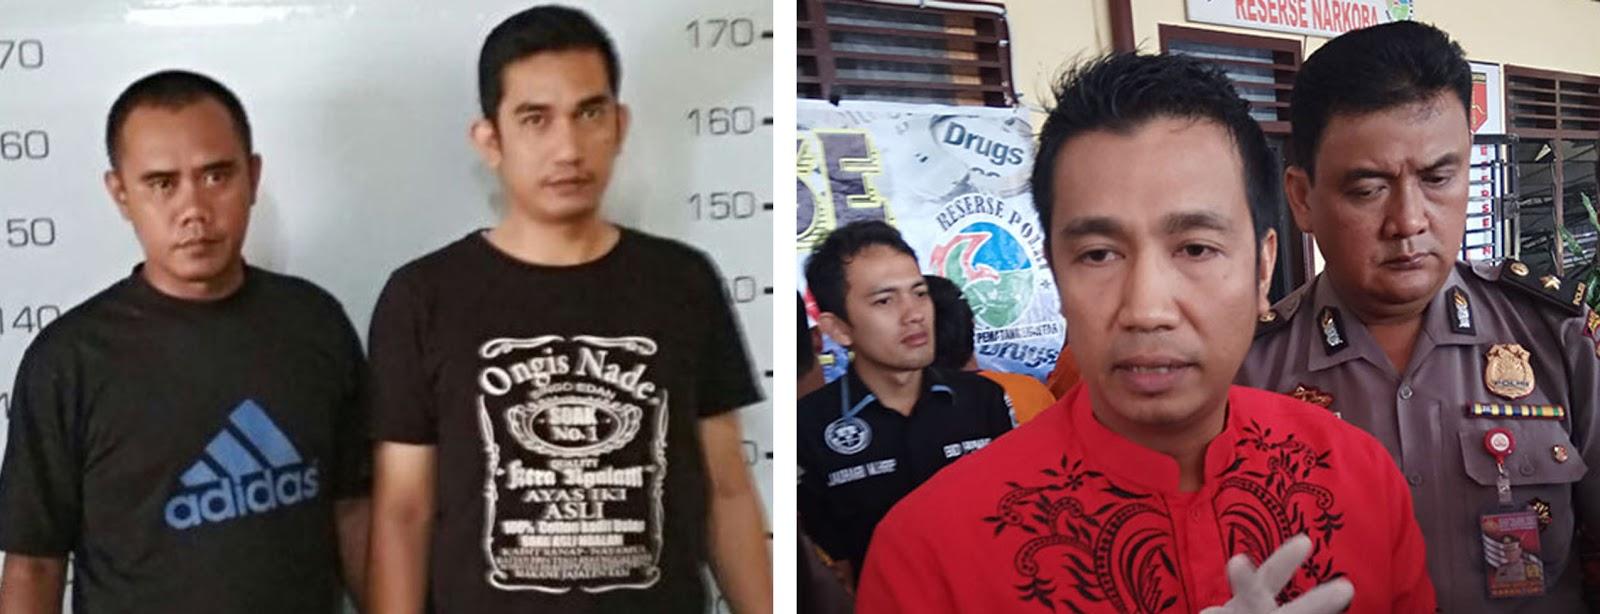 Zulkifli Hutagalung dan adik Walikota Siantar Ardiansyah (kiri baju kaos hitam) dan Walikota Siantar Hefriansyah saat memberikan keterangan pers.